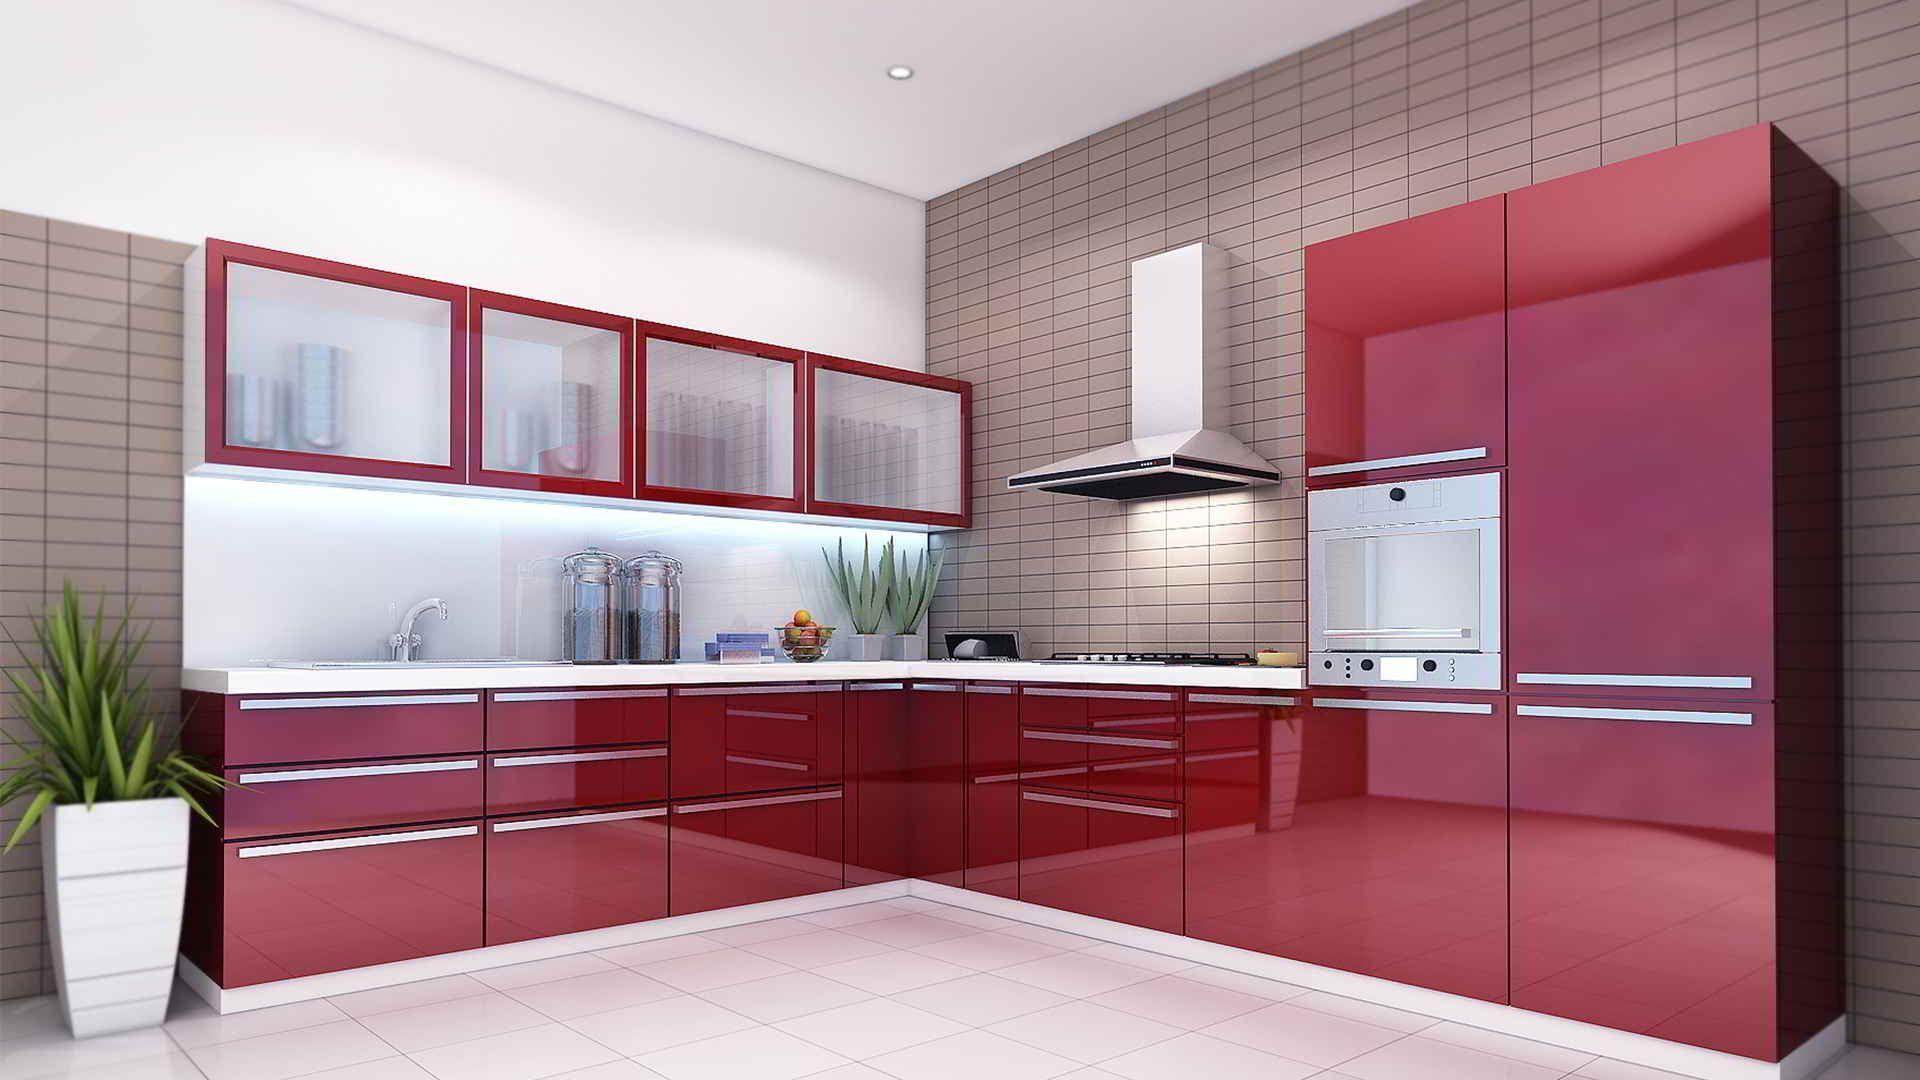 Fascinating 10 X 11 Kitchen Design Modular Kitchen Designs 10 X 11 Kitchen Design Modular Kitchen Indian L Shaped Modular Kitchen Kitchen Designs Layout